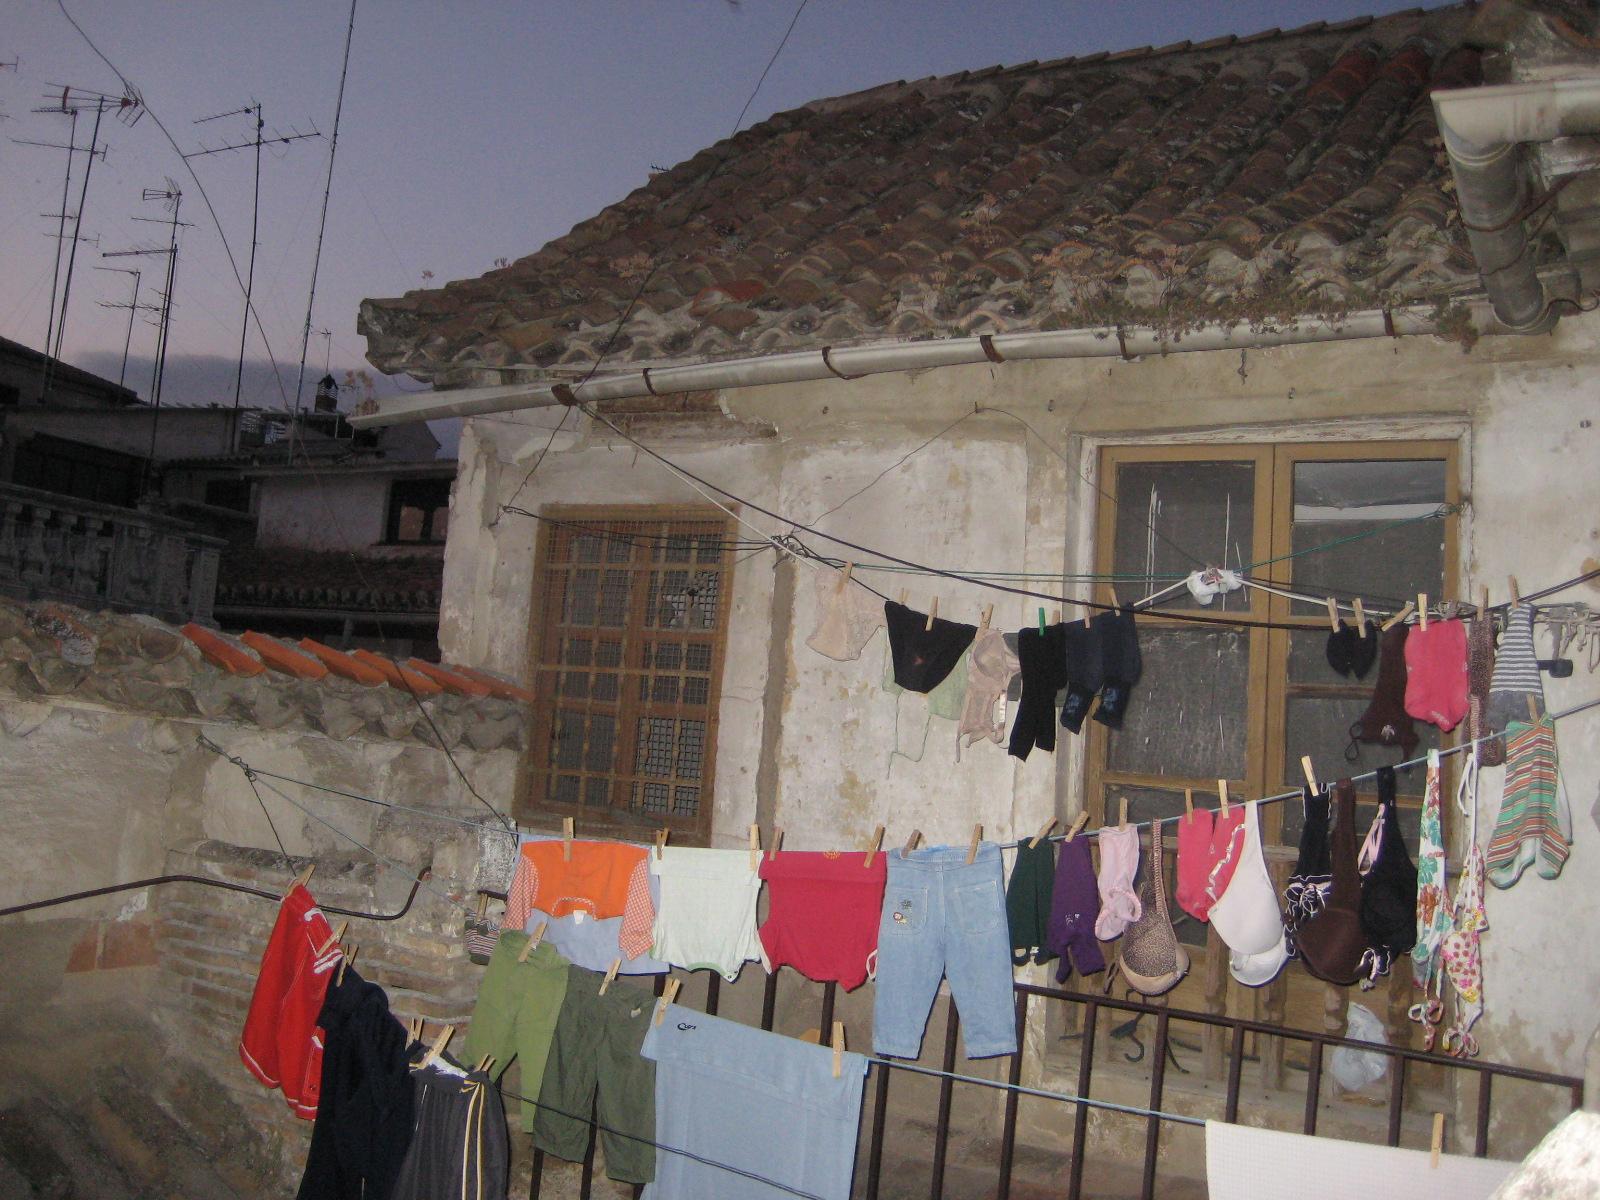 Dopo che la lavadora ha finito..Dove stendere i panni se non sul tetto?